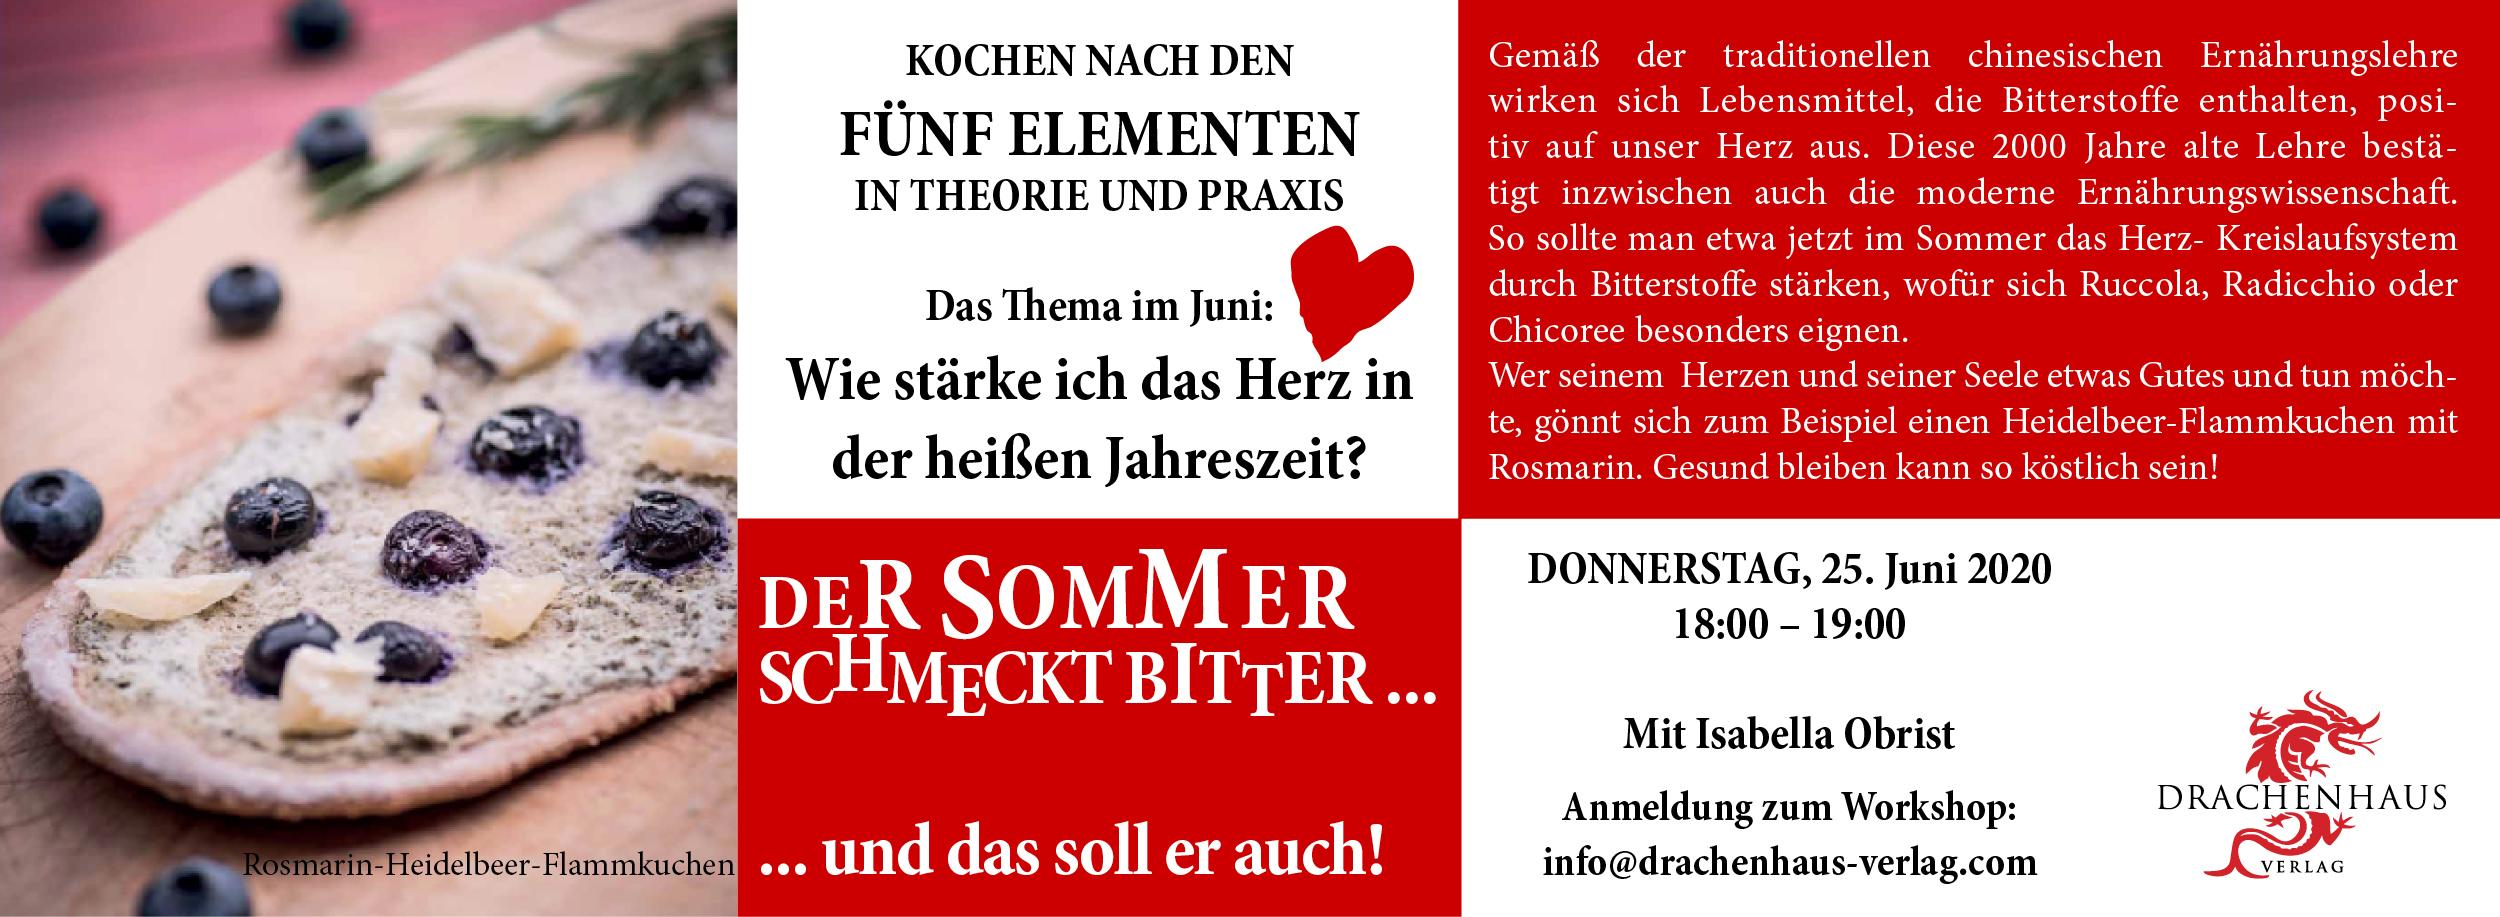 Heidelbeer-Rosmarin-Flammkuchen, Glücksrezepte, Drachenhaus Verlag